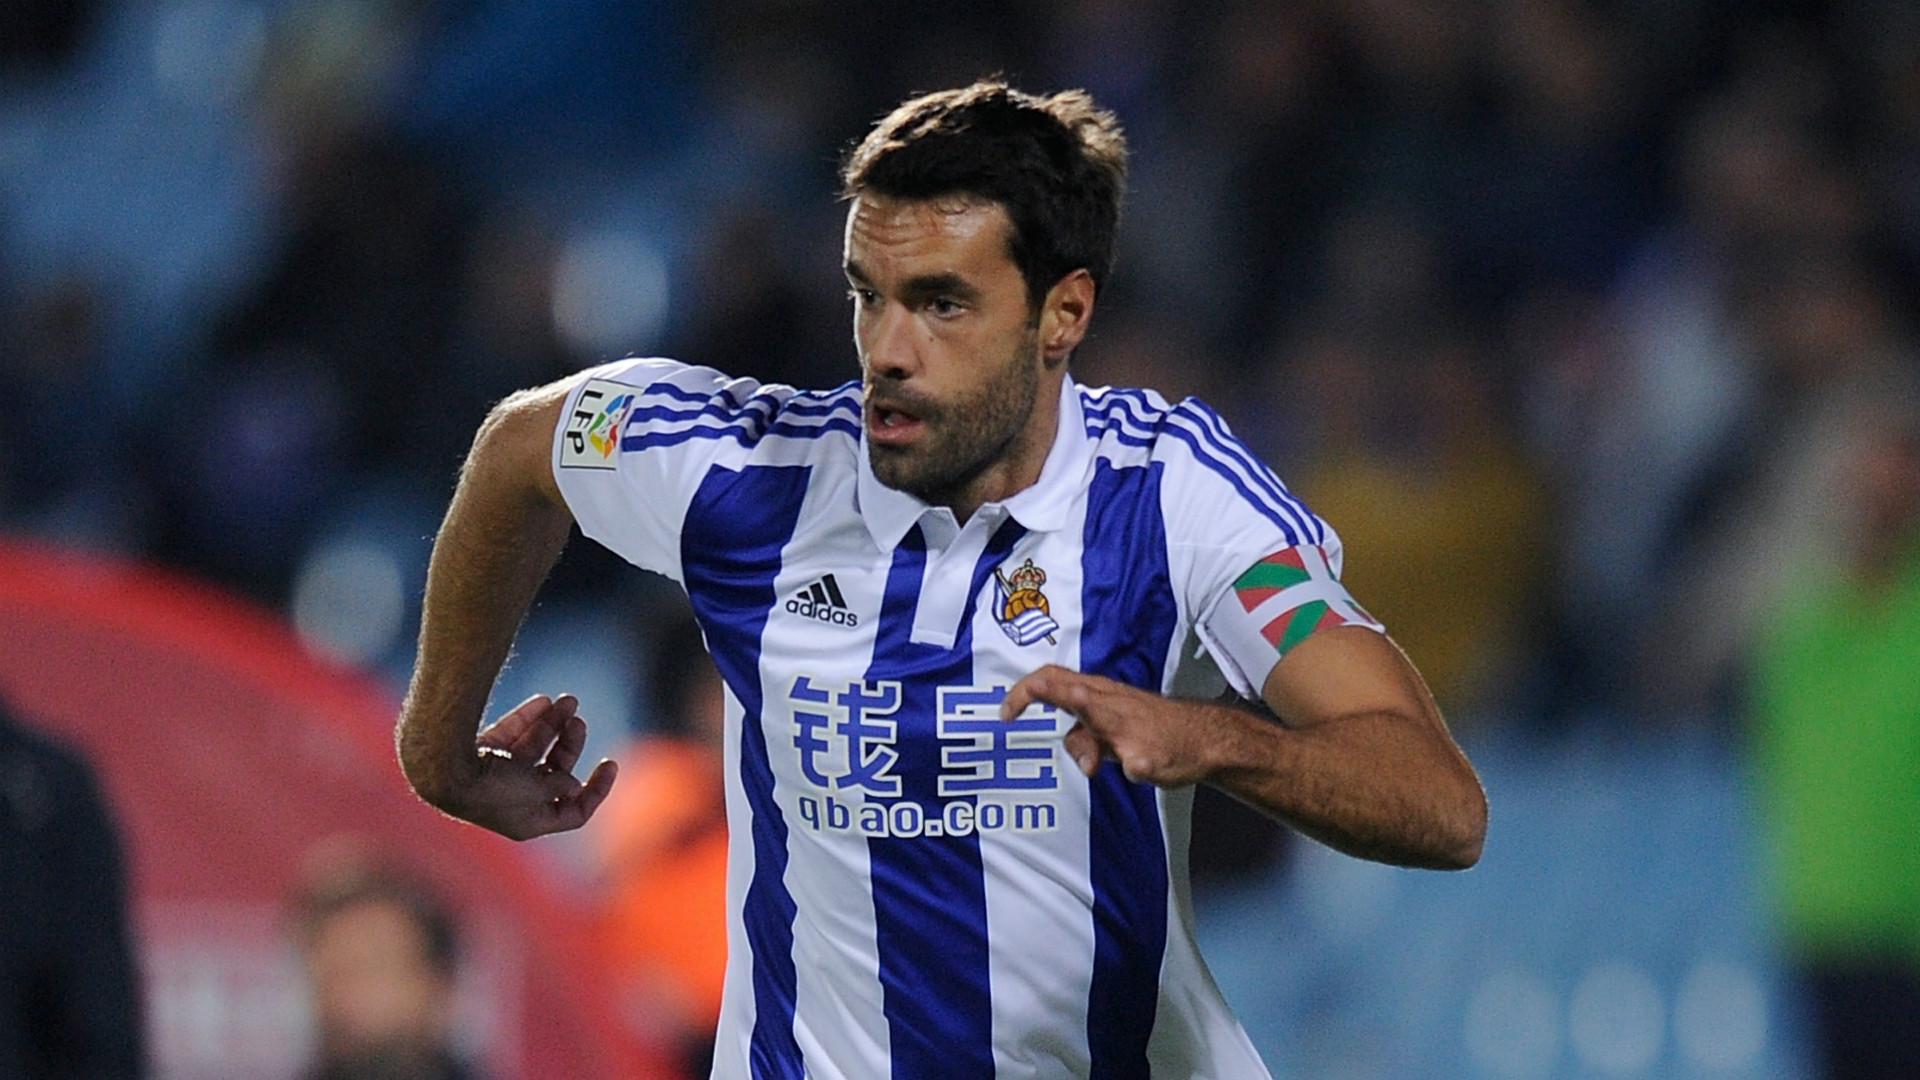 Xabi Prieto Real Sociedad